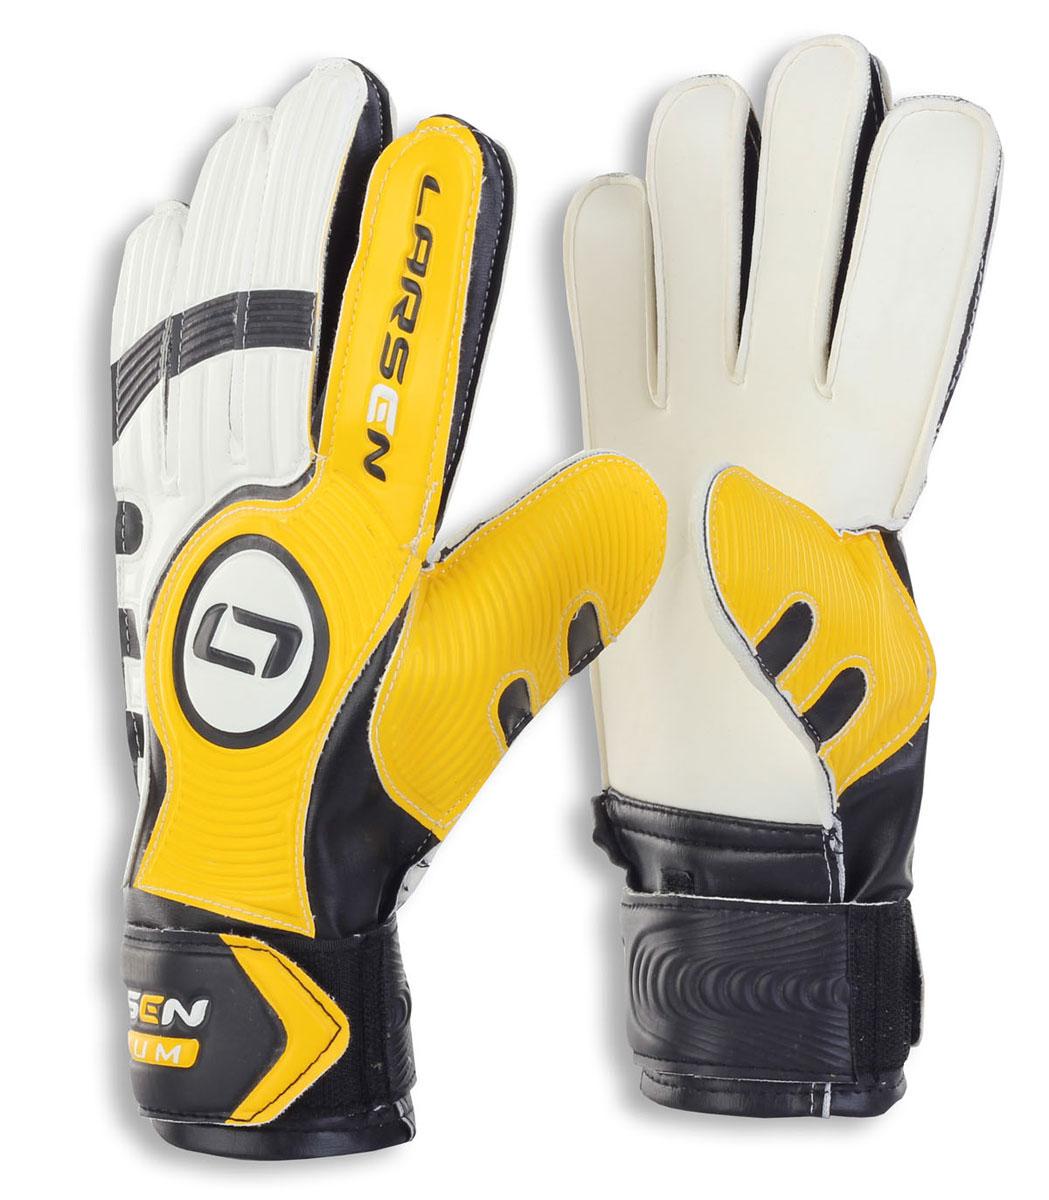 Перчатки вратарские Larsen  Radium , цвет: черный, желтый. Размер 7 - Футбол